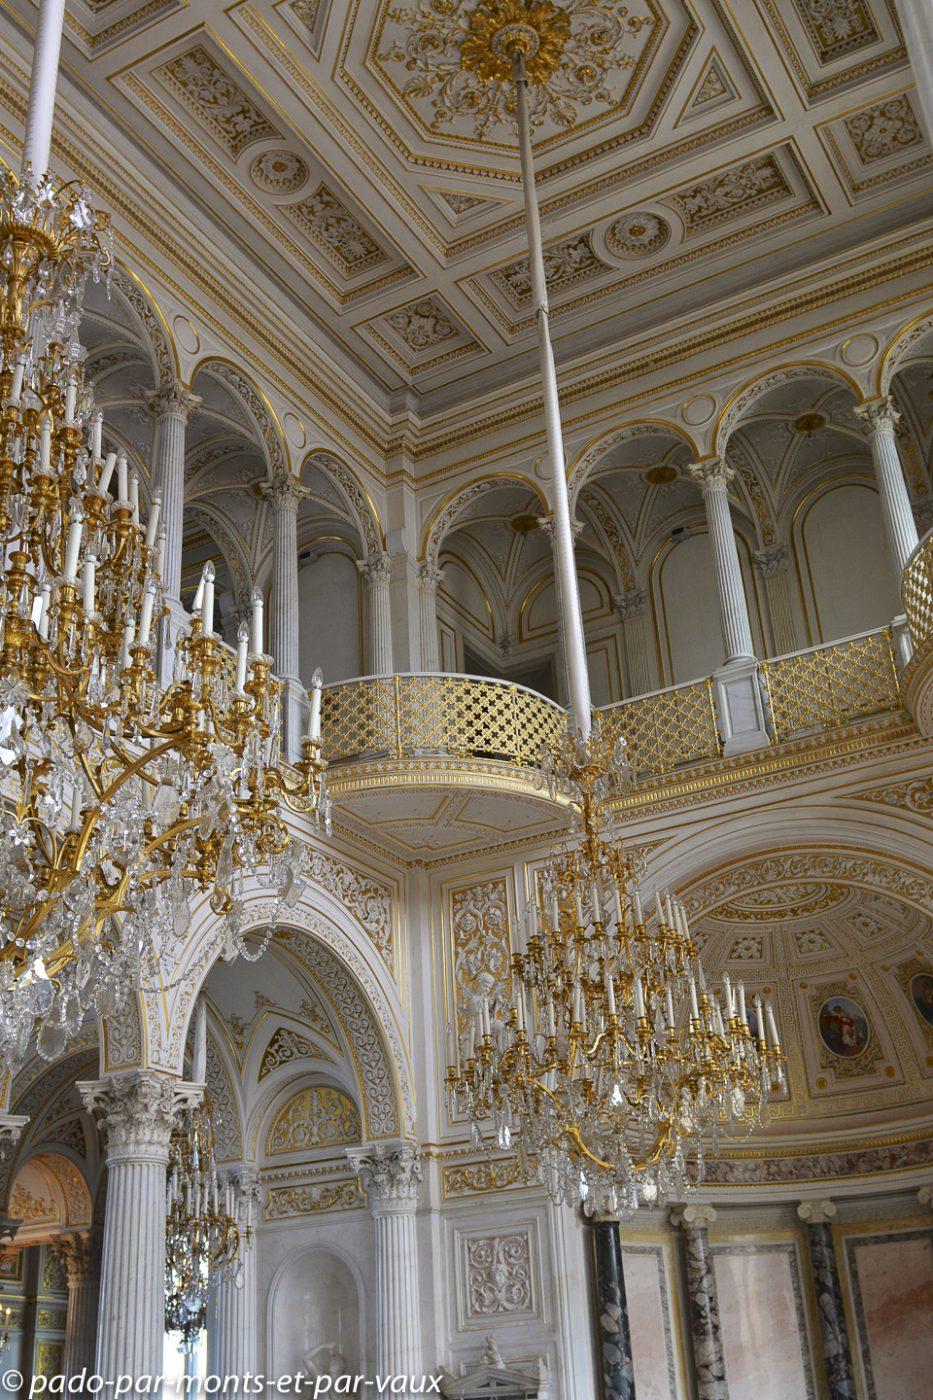 2015 - St Pétersbourg - Musée de l'Ermitage -   salle du Pavillon